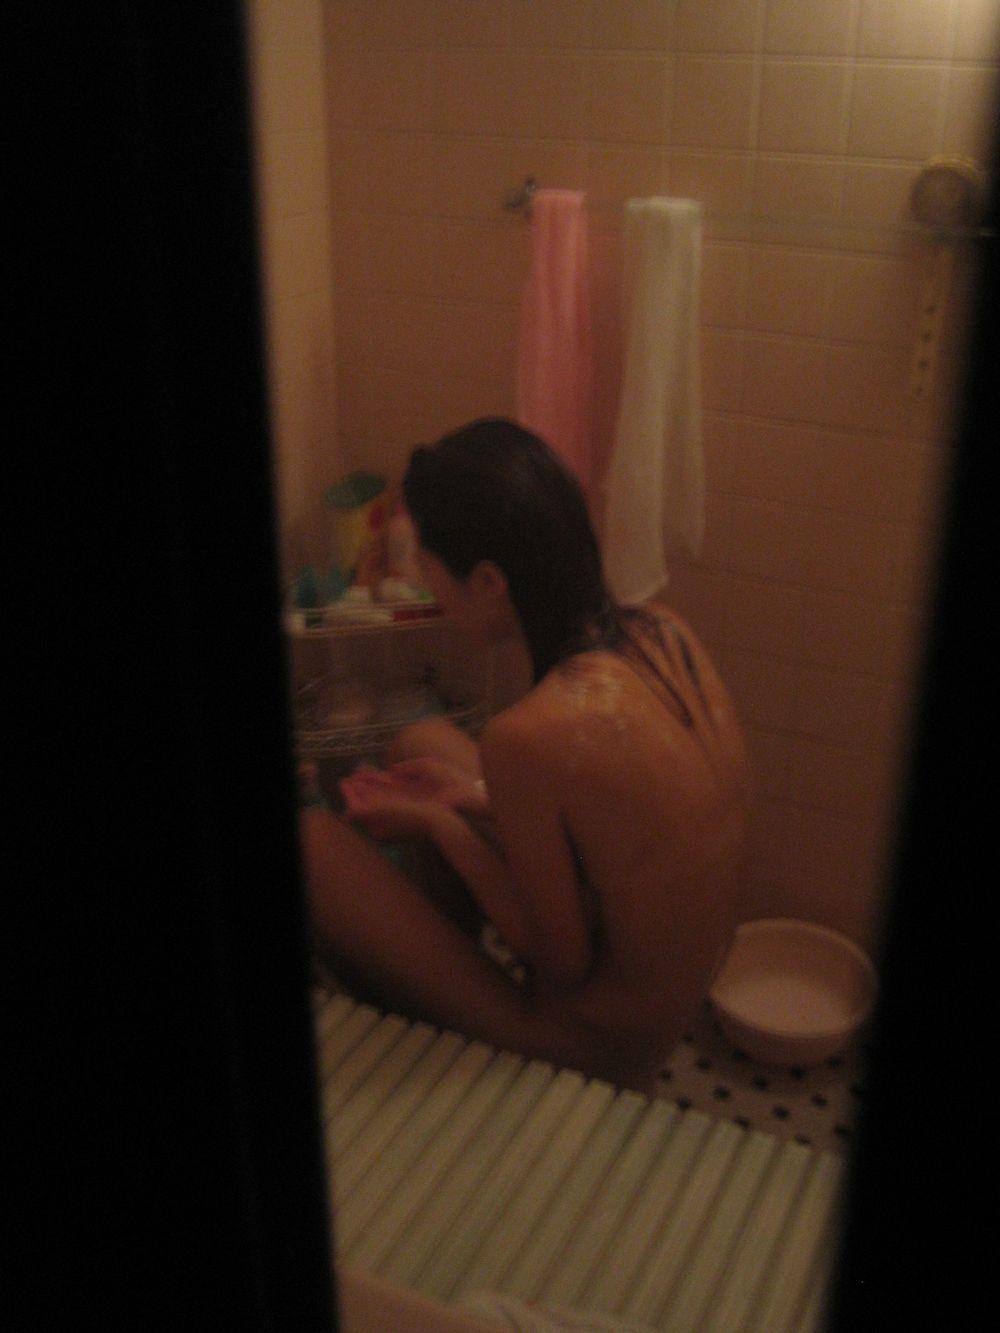 風呂場や部屋の中で寛ぐ全裸の子が見えちゃった (11)